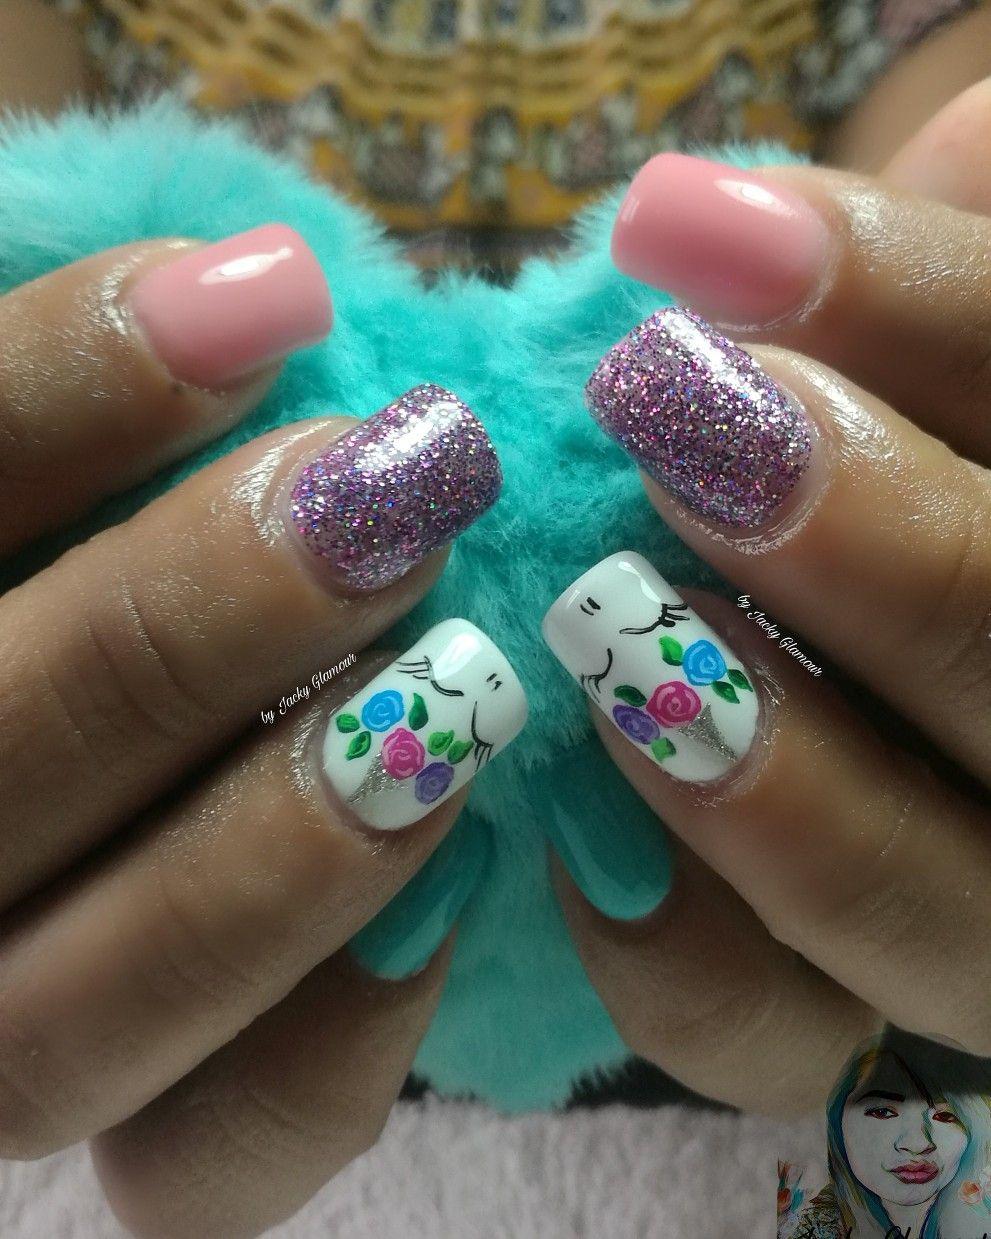 Uñas acrílicas #unicornio #uñas #cute #tumblr #glitter #colores ...